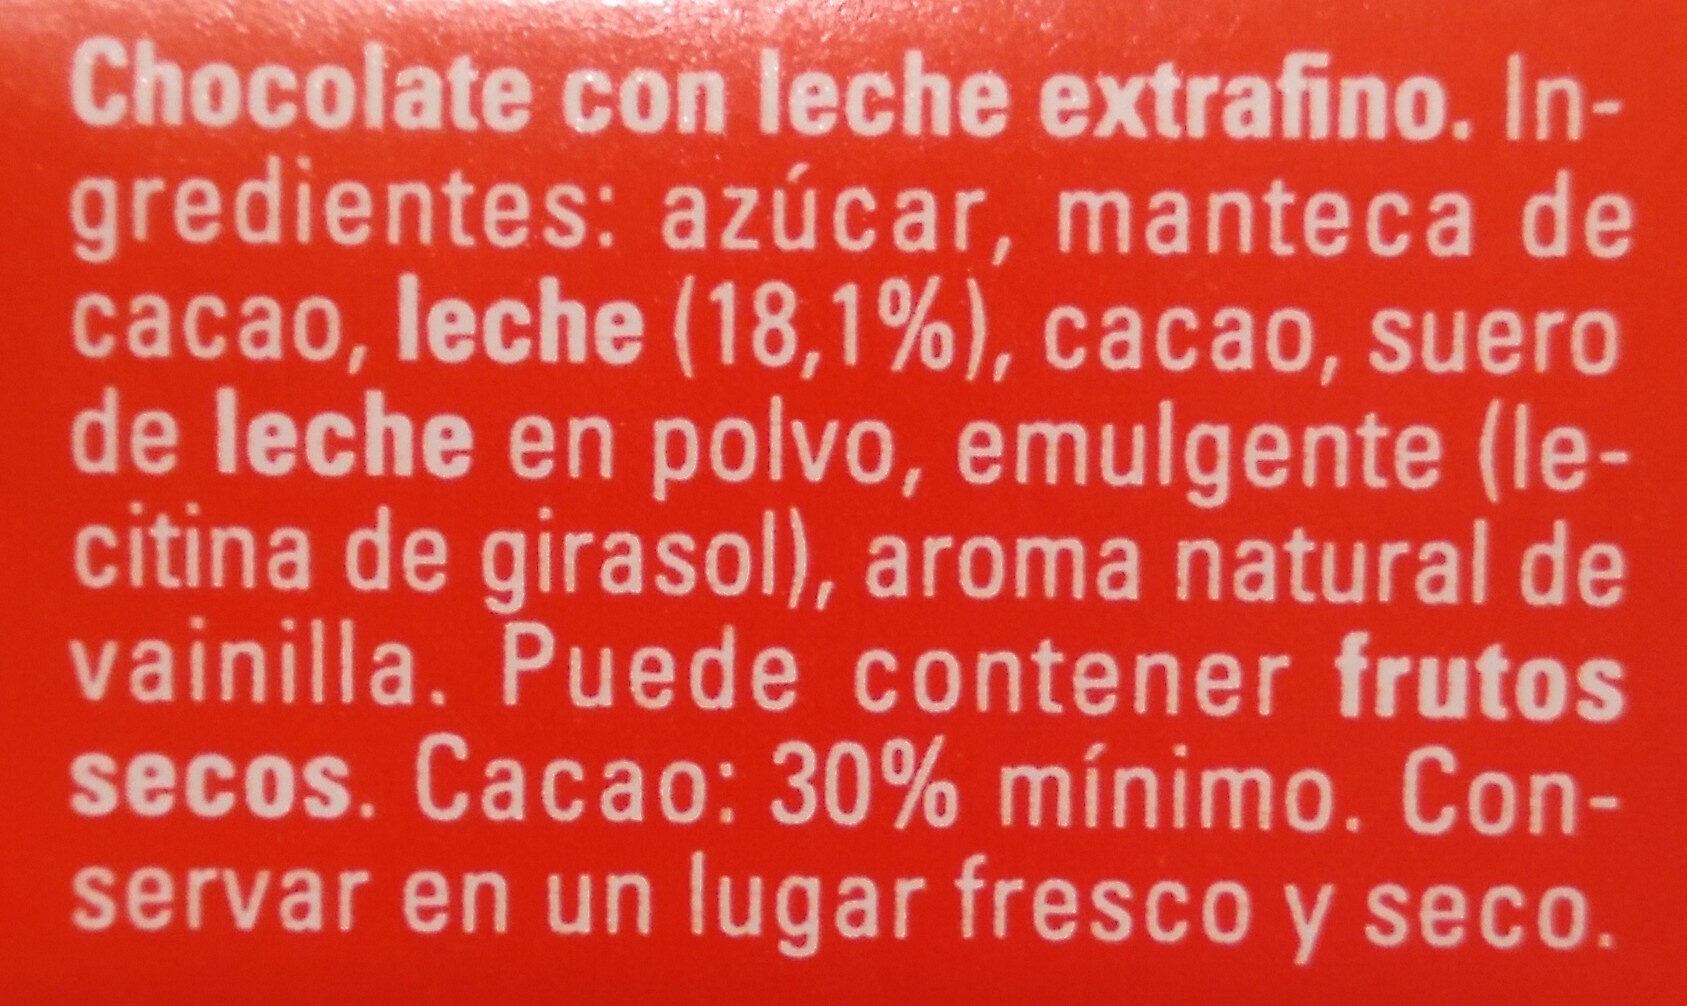 Chocolate con leche fresca y sin gluten - Ingredientes - es